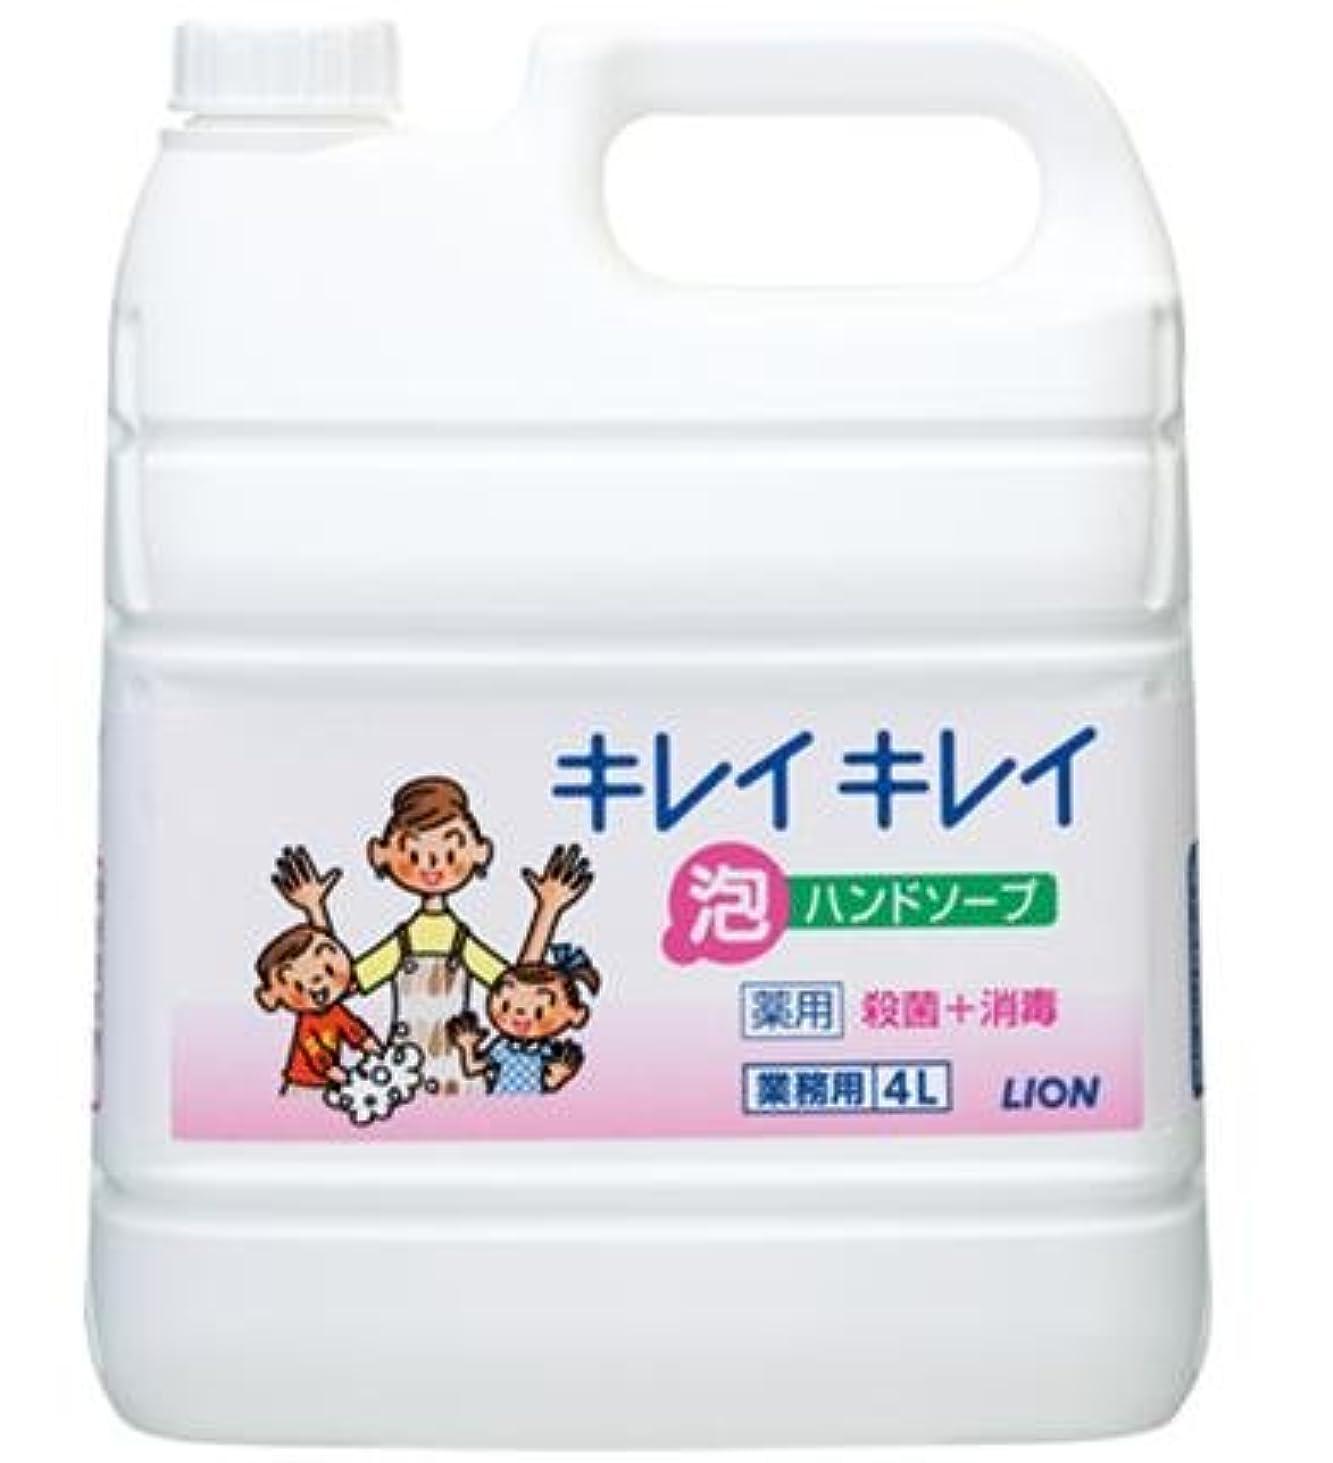 ピッチャー葉を拾う奇妙なキレイキレイ薬用泡ハンドソープ 4Lボトル+専用泡容器250mLセット